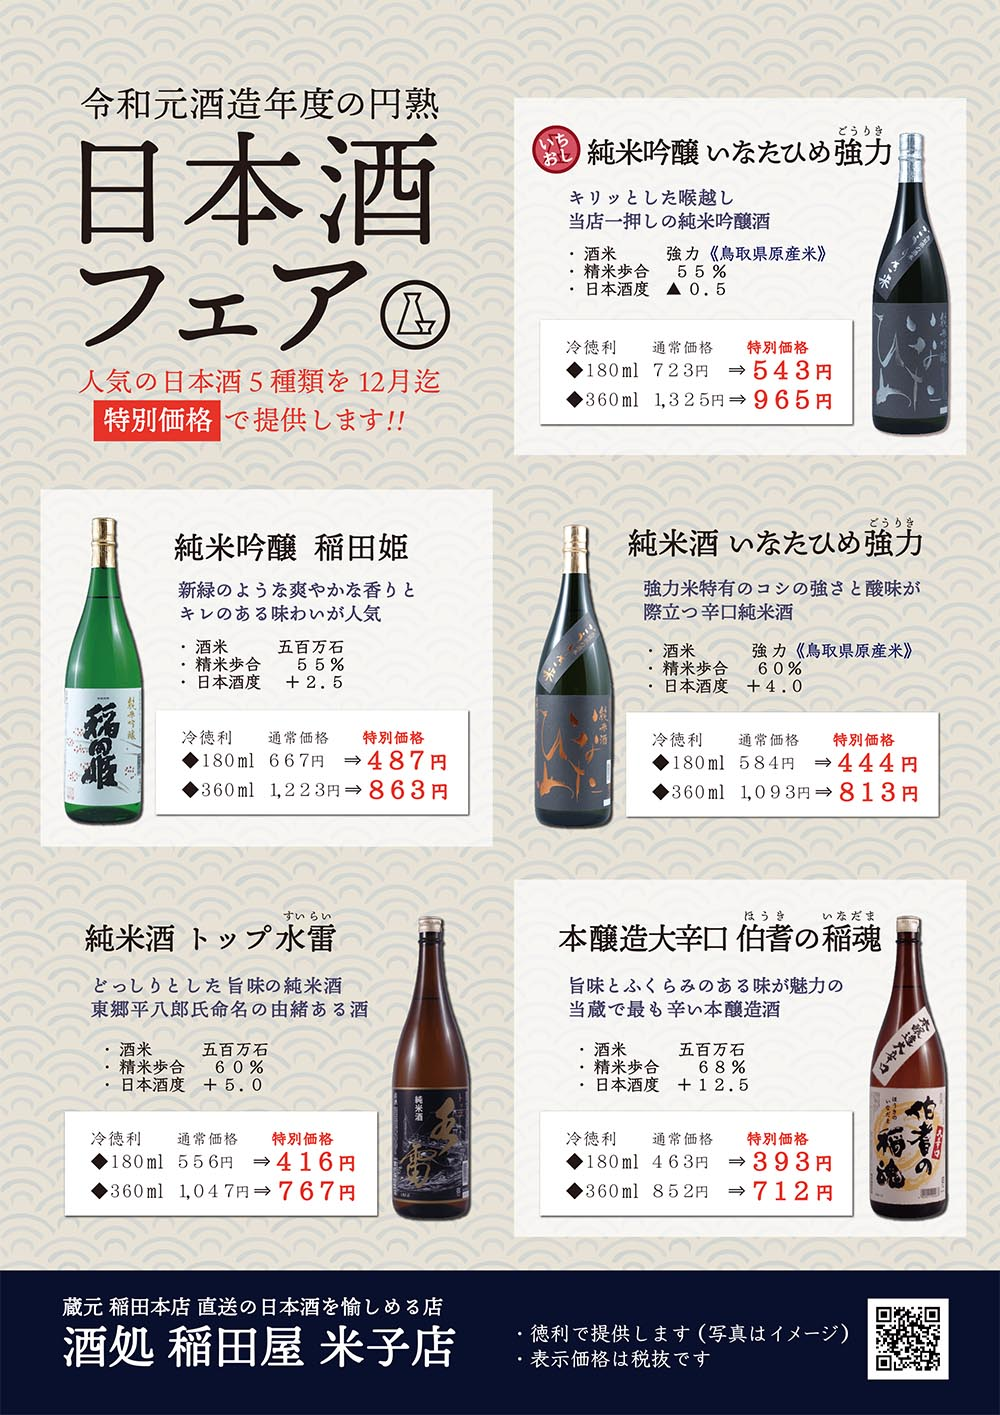 酒処 稲田屋米子店『日本酒フェア』POPイメージ